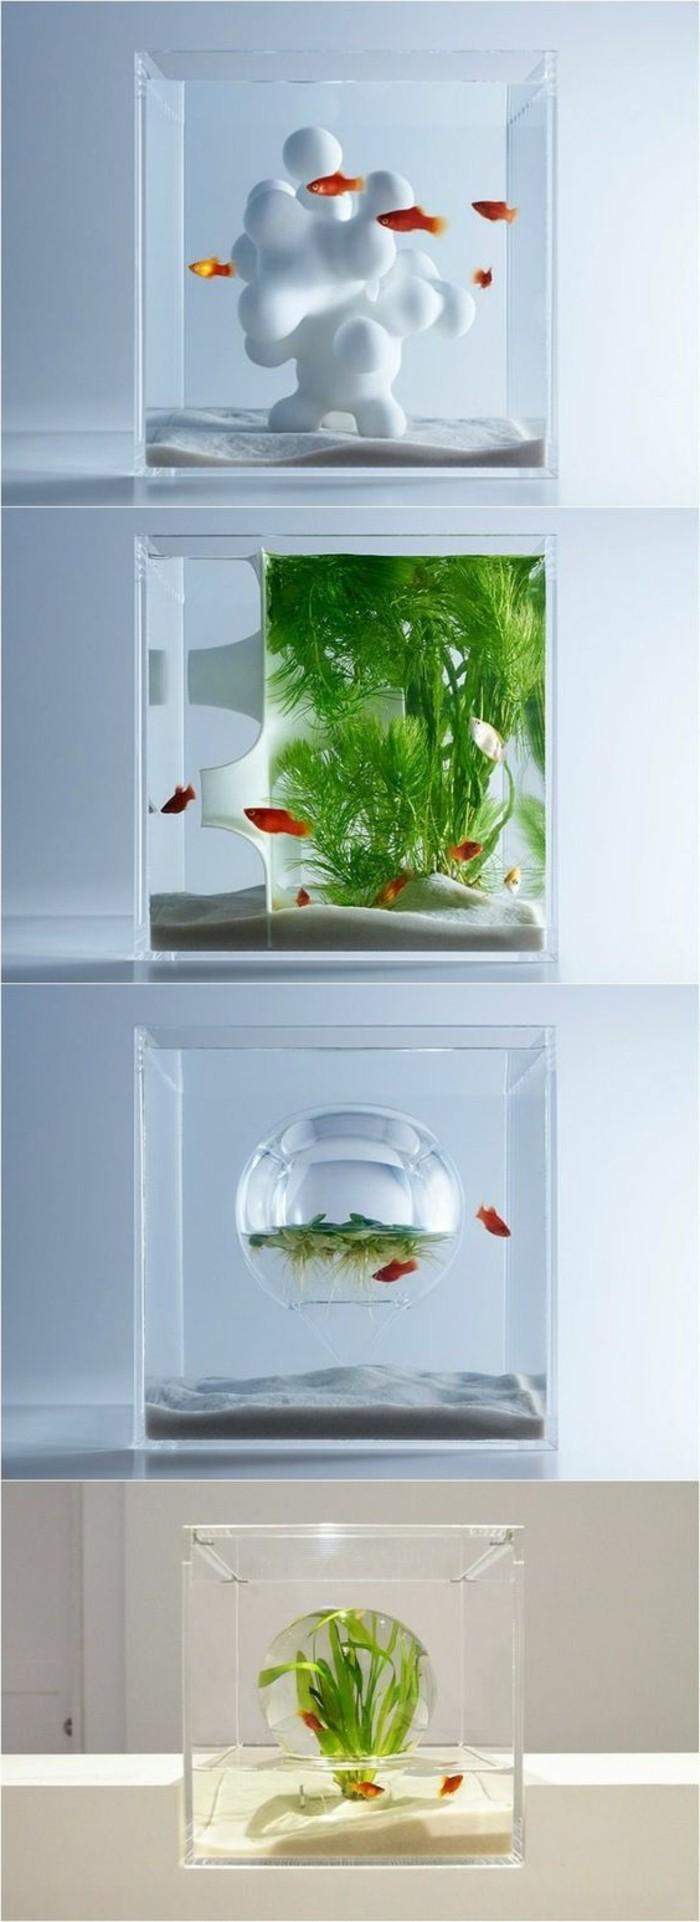 Aquarium Einrichtung sorgt f u00fcr das Wohlf u00fchlen der Wassertiere   Archzine net